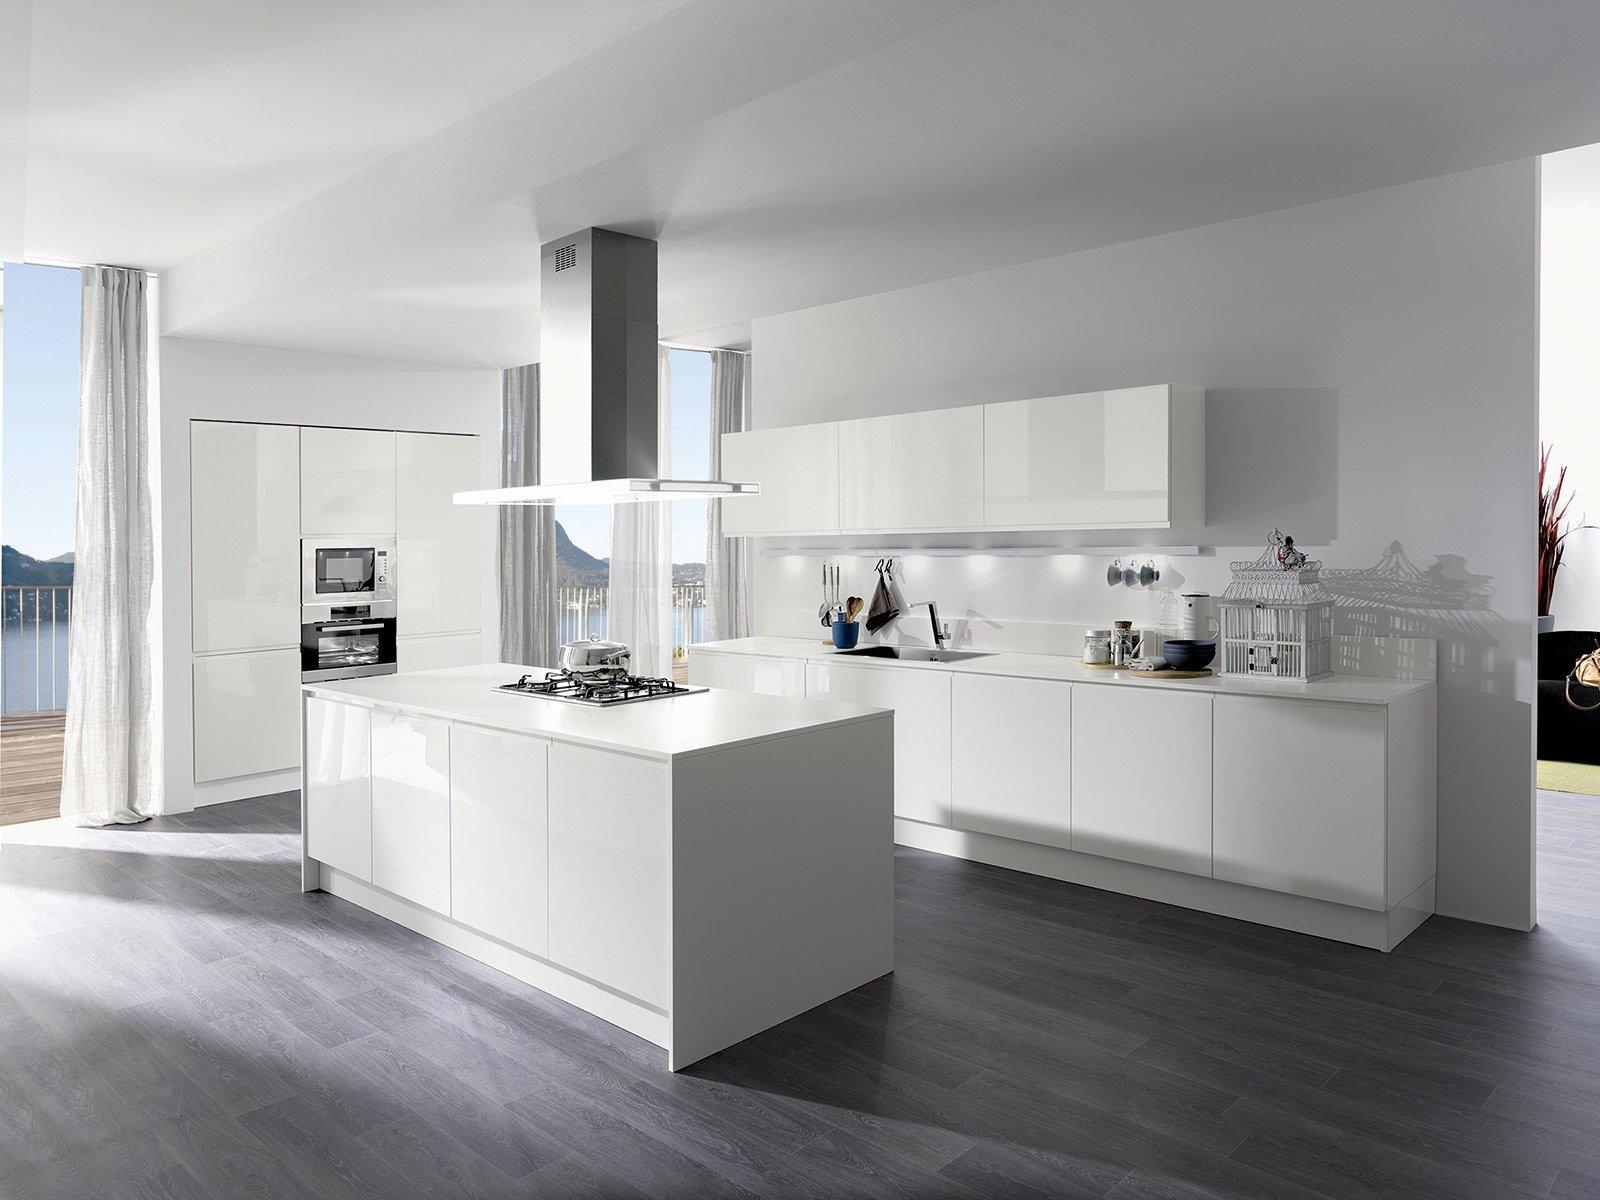 fronteggianti la cucina tutta bianca con alzate e top in okite, e ...